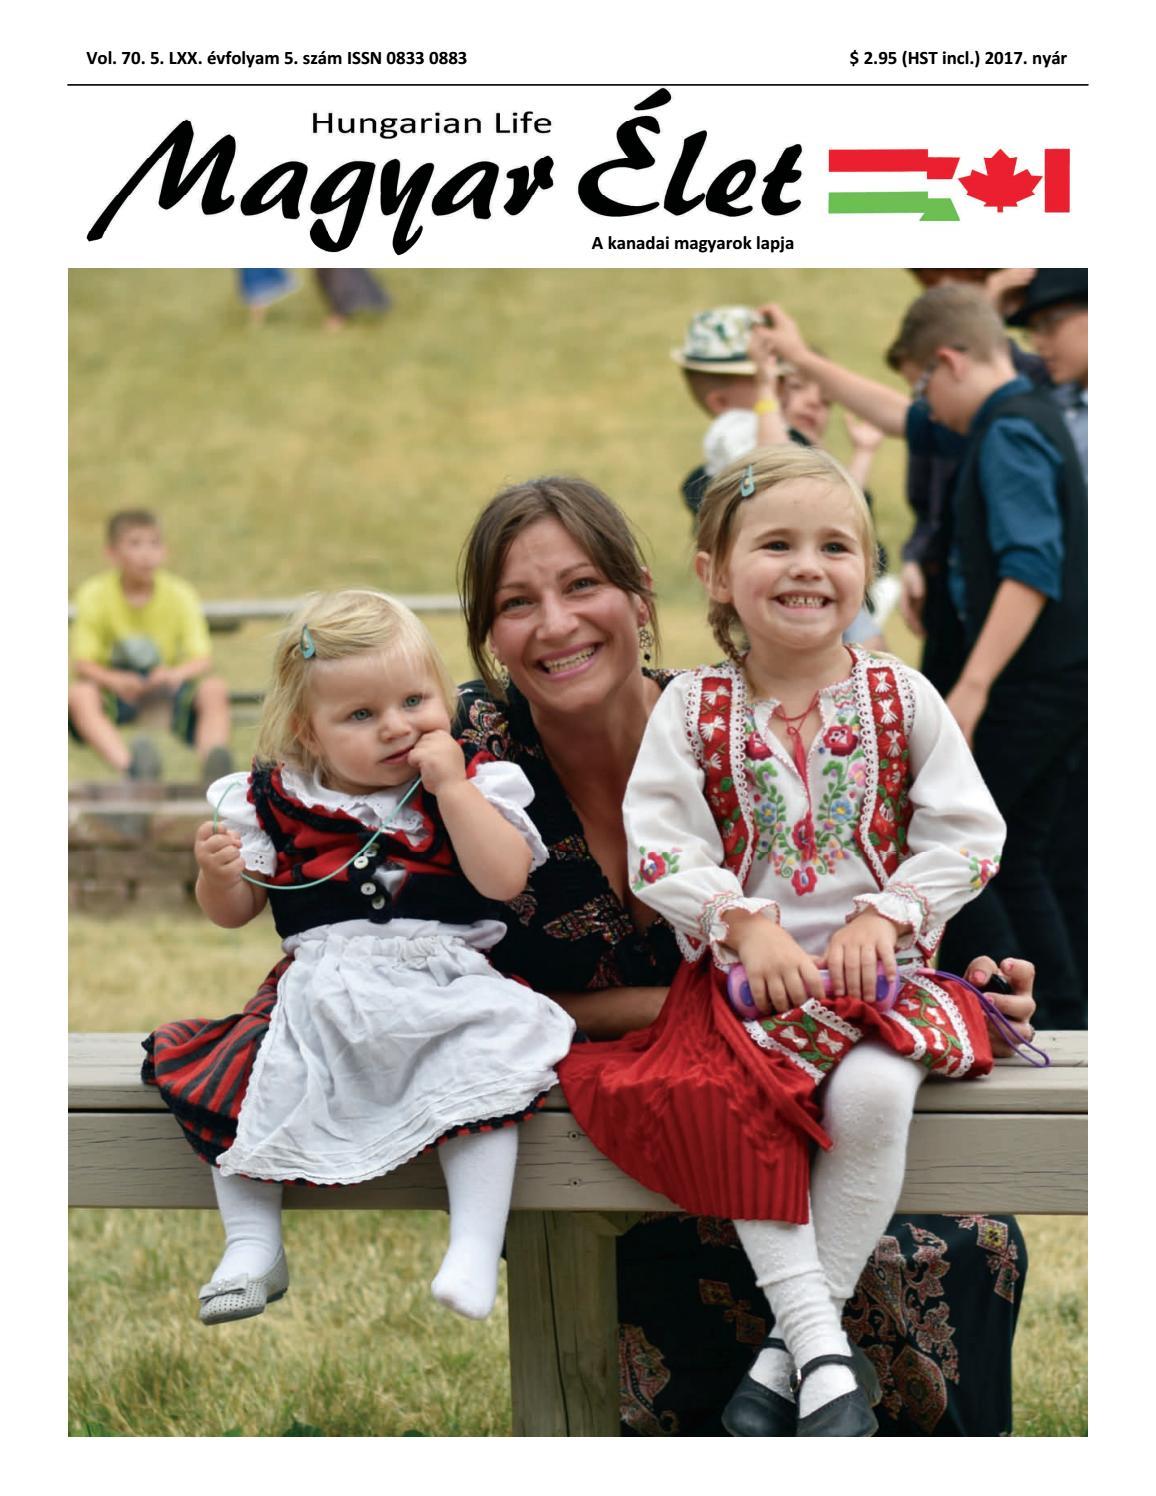 e821fb13fd Magyar Élet magazin 2017. nyár - web by Magyar Élet magazin - issuu